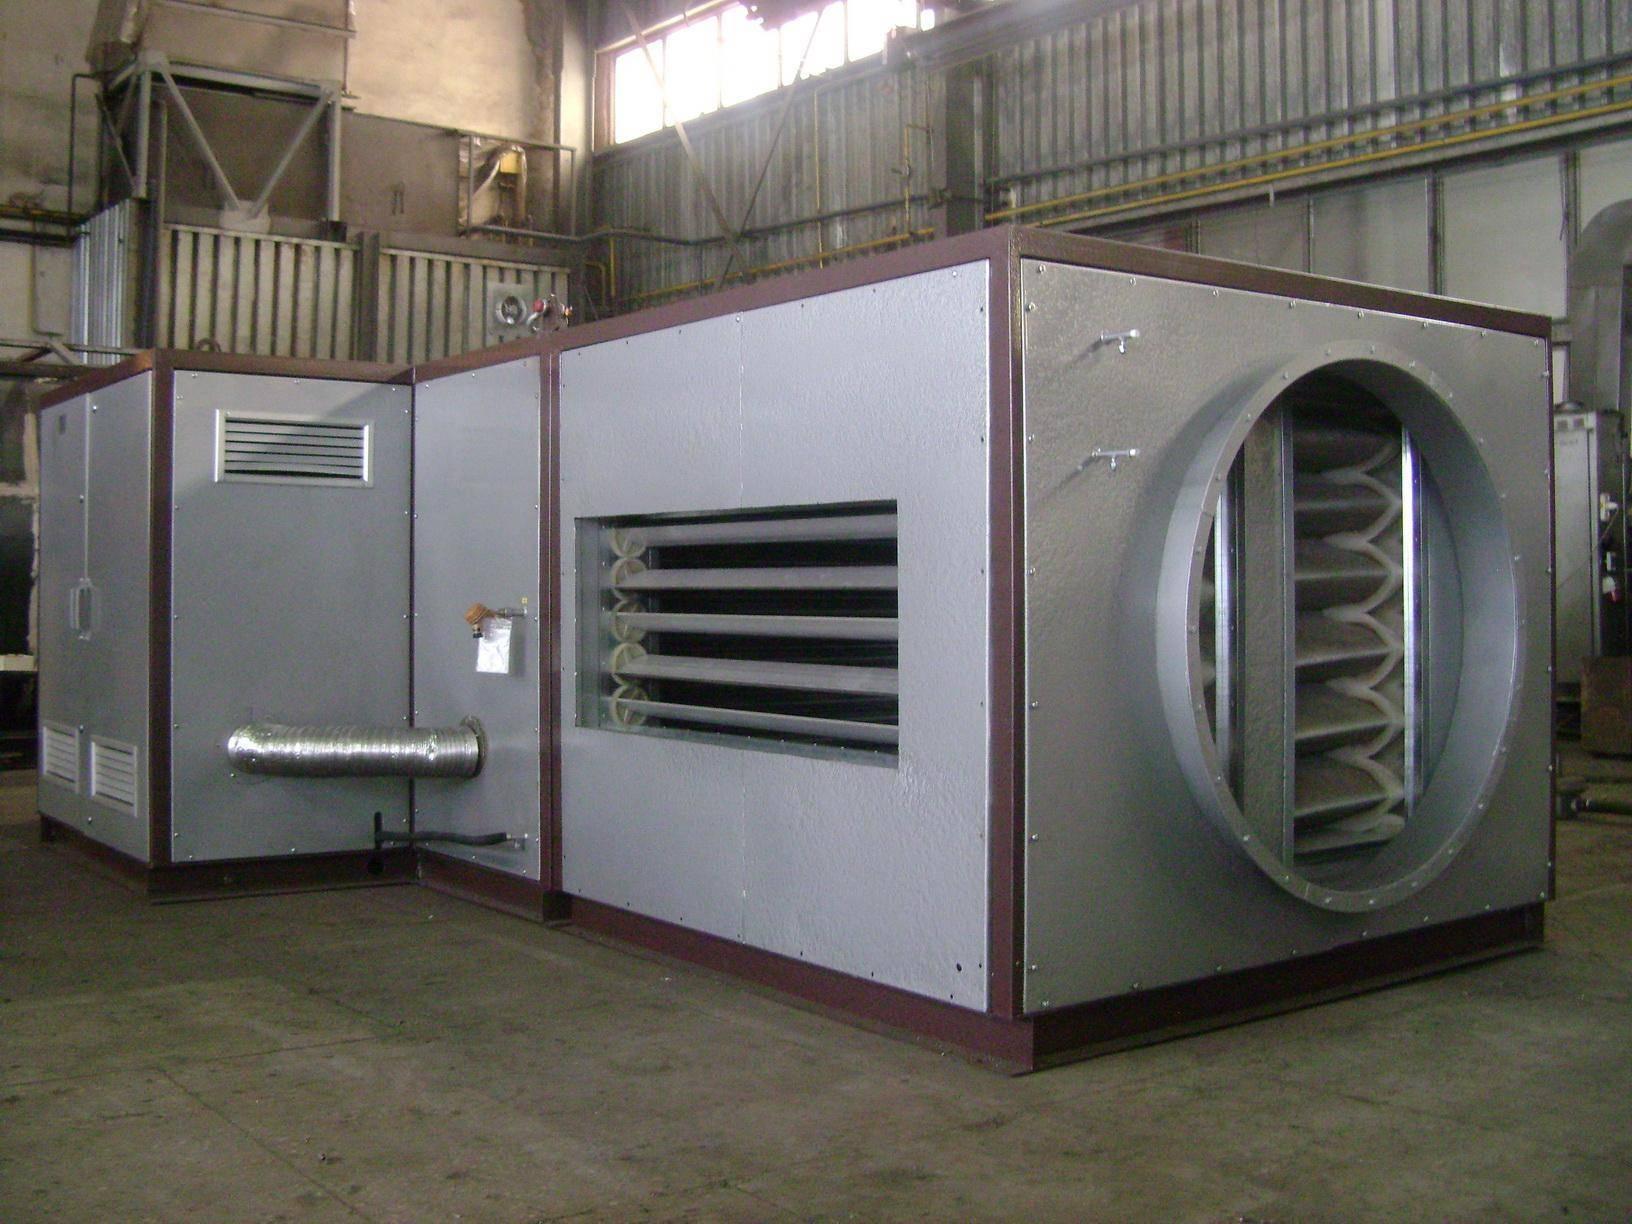 Принцип работы и особенности работы твердотопливных котлов воздушного отопления. выбираем между воздушной и водяной системой отопления